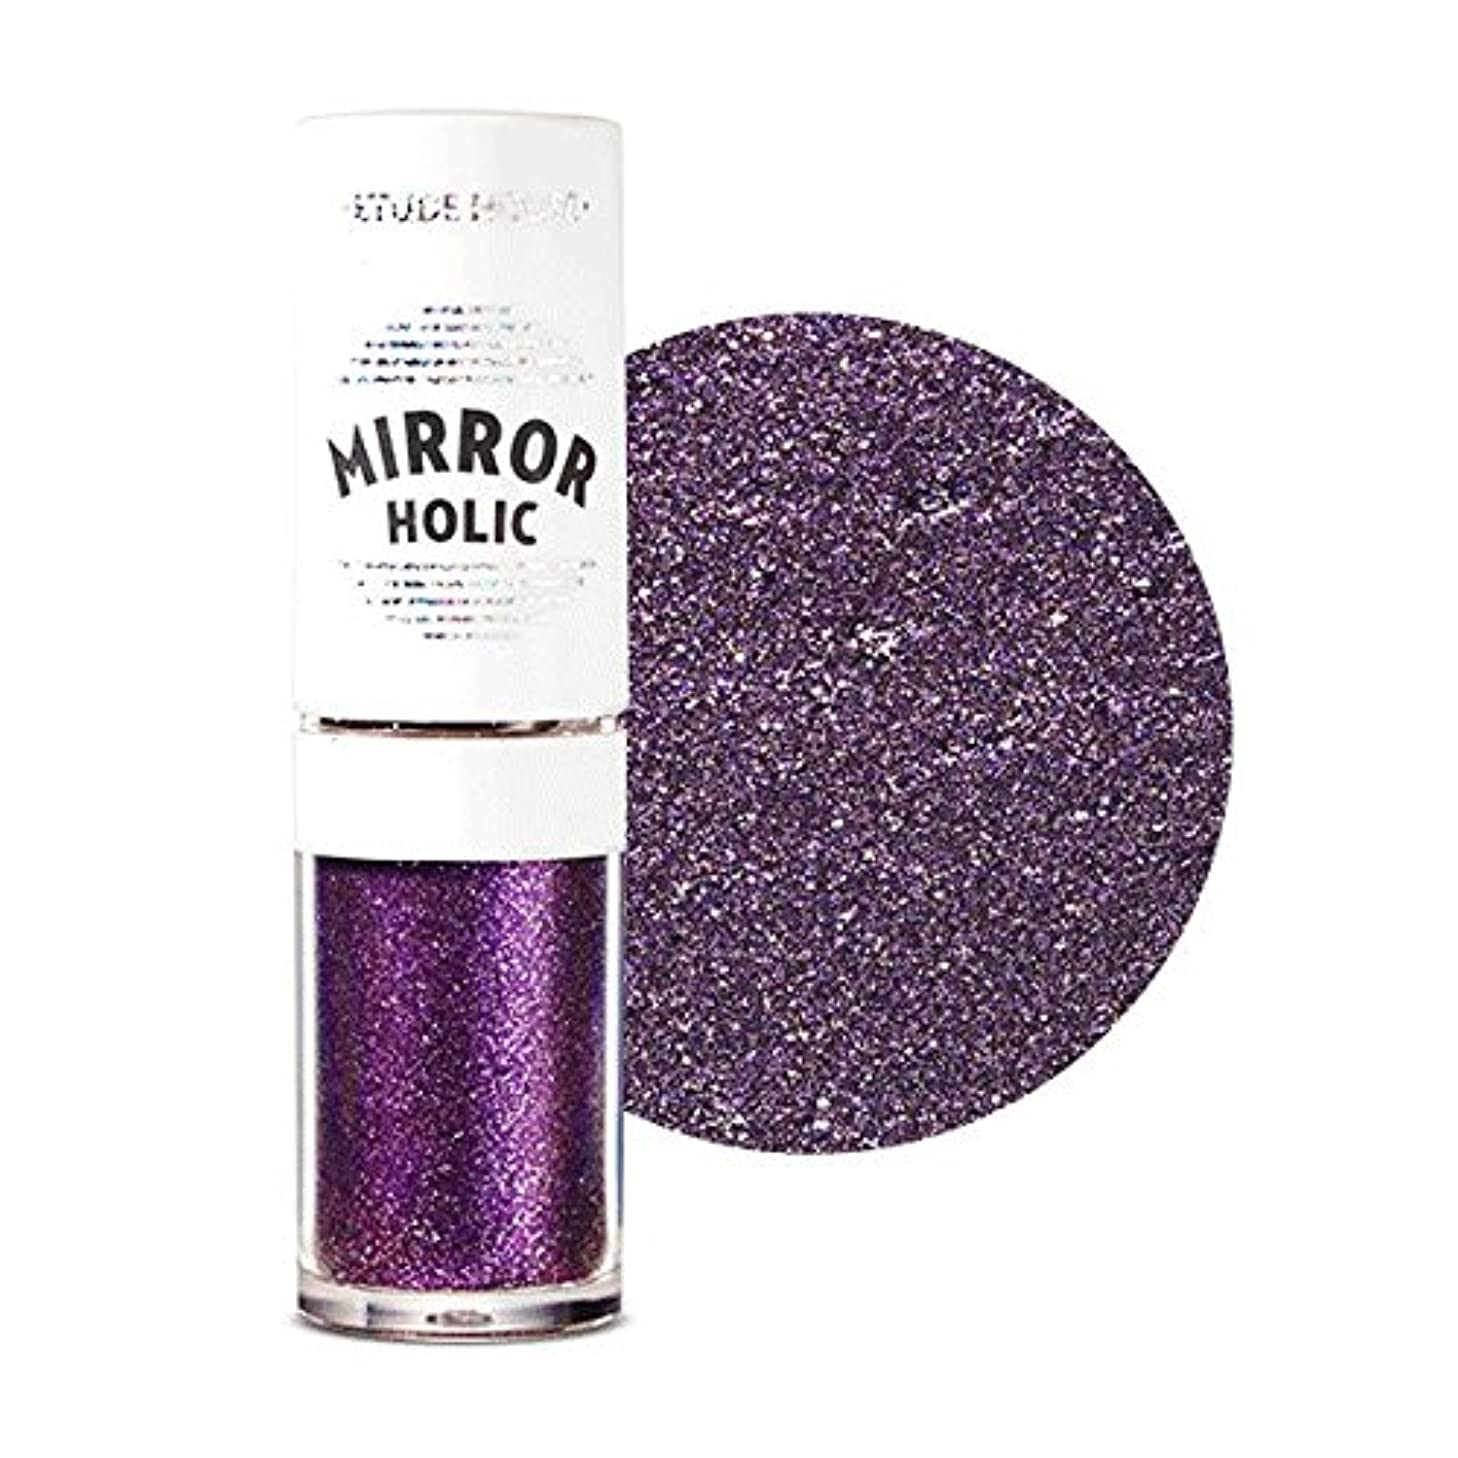 乱れ崇拝しますチラチラするETUDE HOUSE Mirror Holic Liquid Eyes / エチュードハウス ミラーホリックリキッドアイズ ミラーホリックリキッドアイズ (PP501) [並行輸入品]